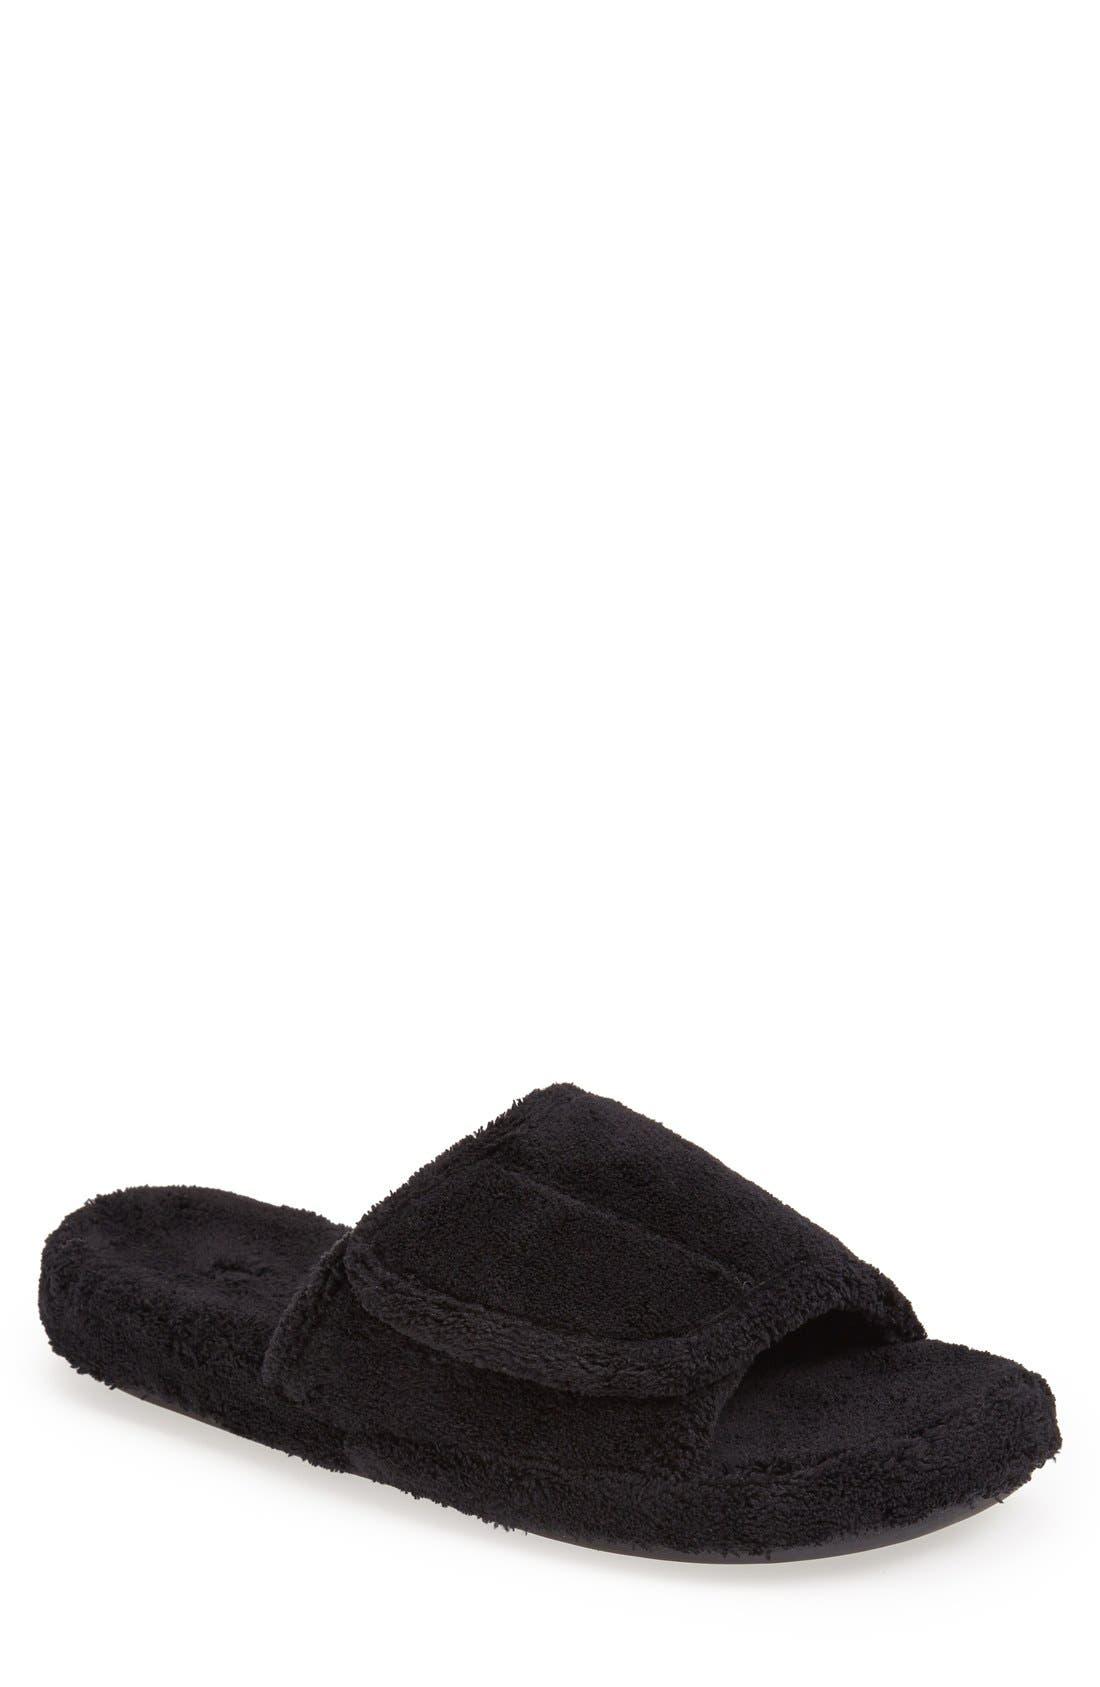 b232e601d2c Acorn for Men  Slippers   Slipper Socks